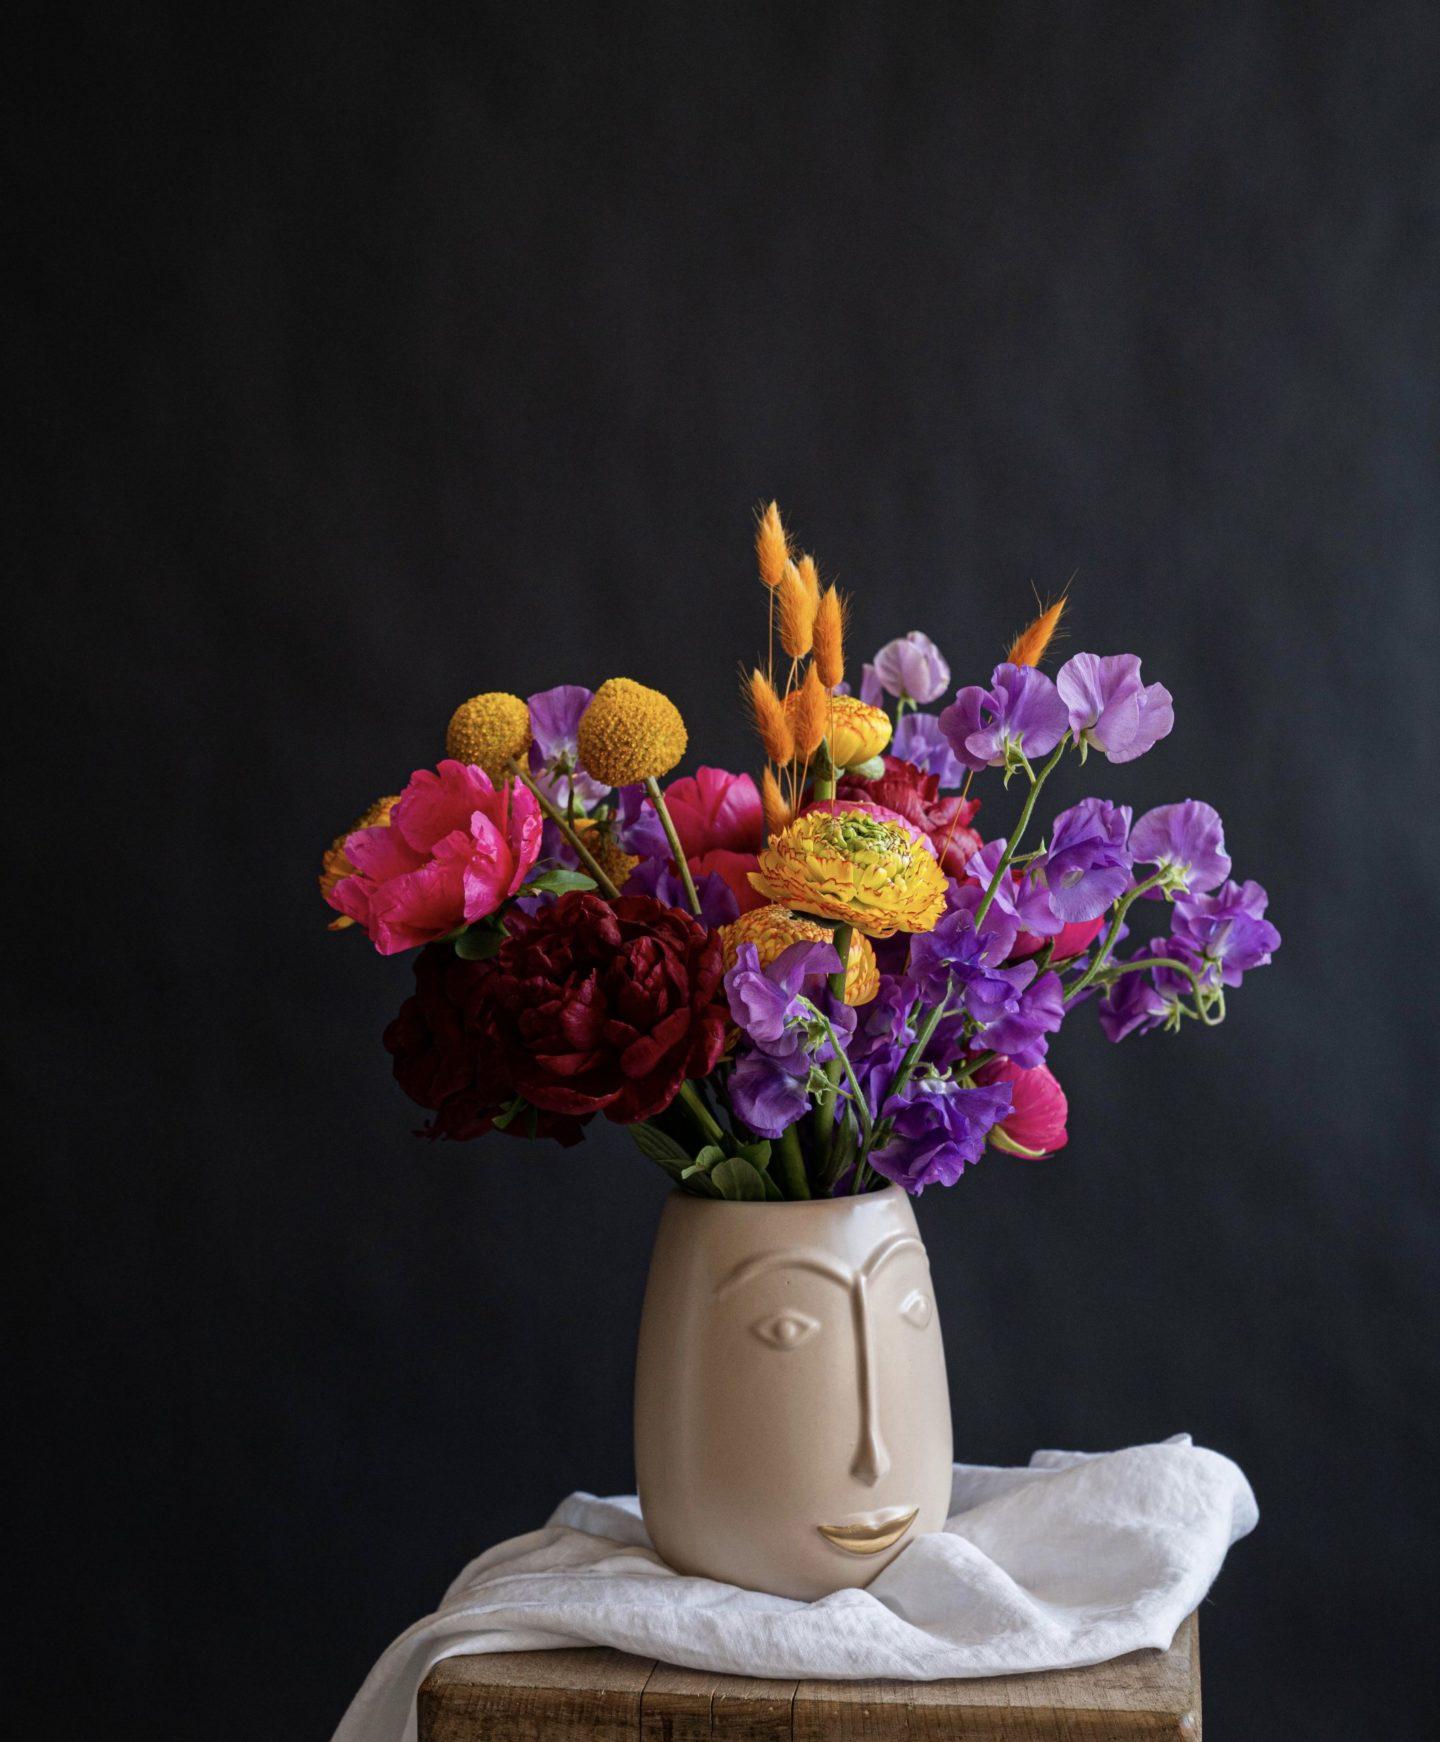 Bunte Blumen in der Vase - lila, gelb und pink